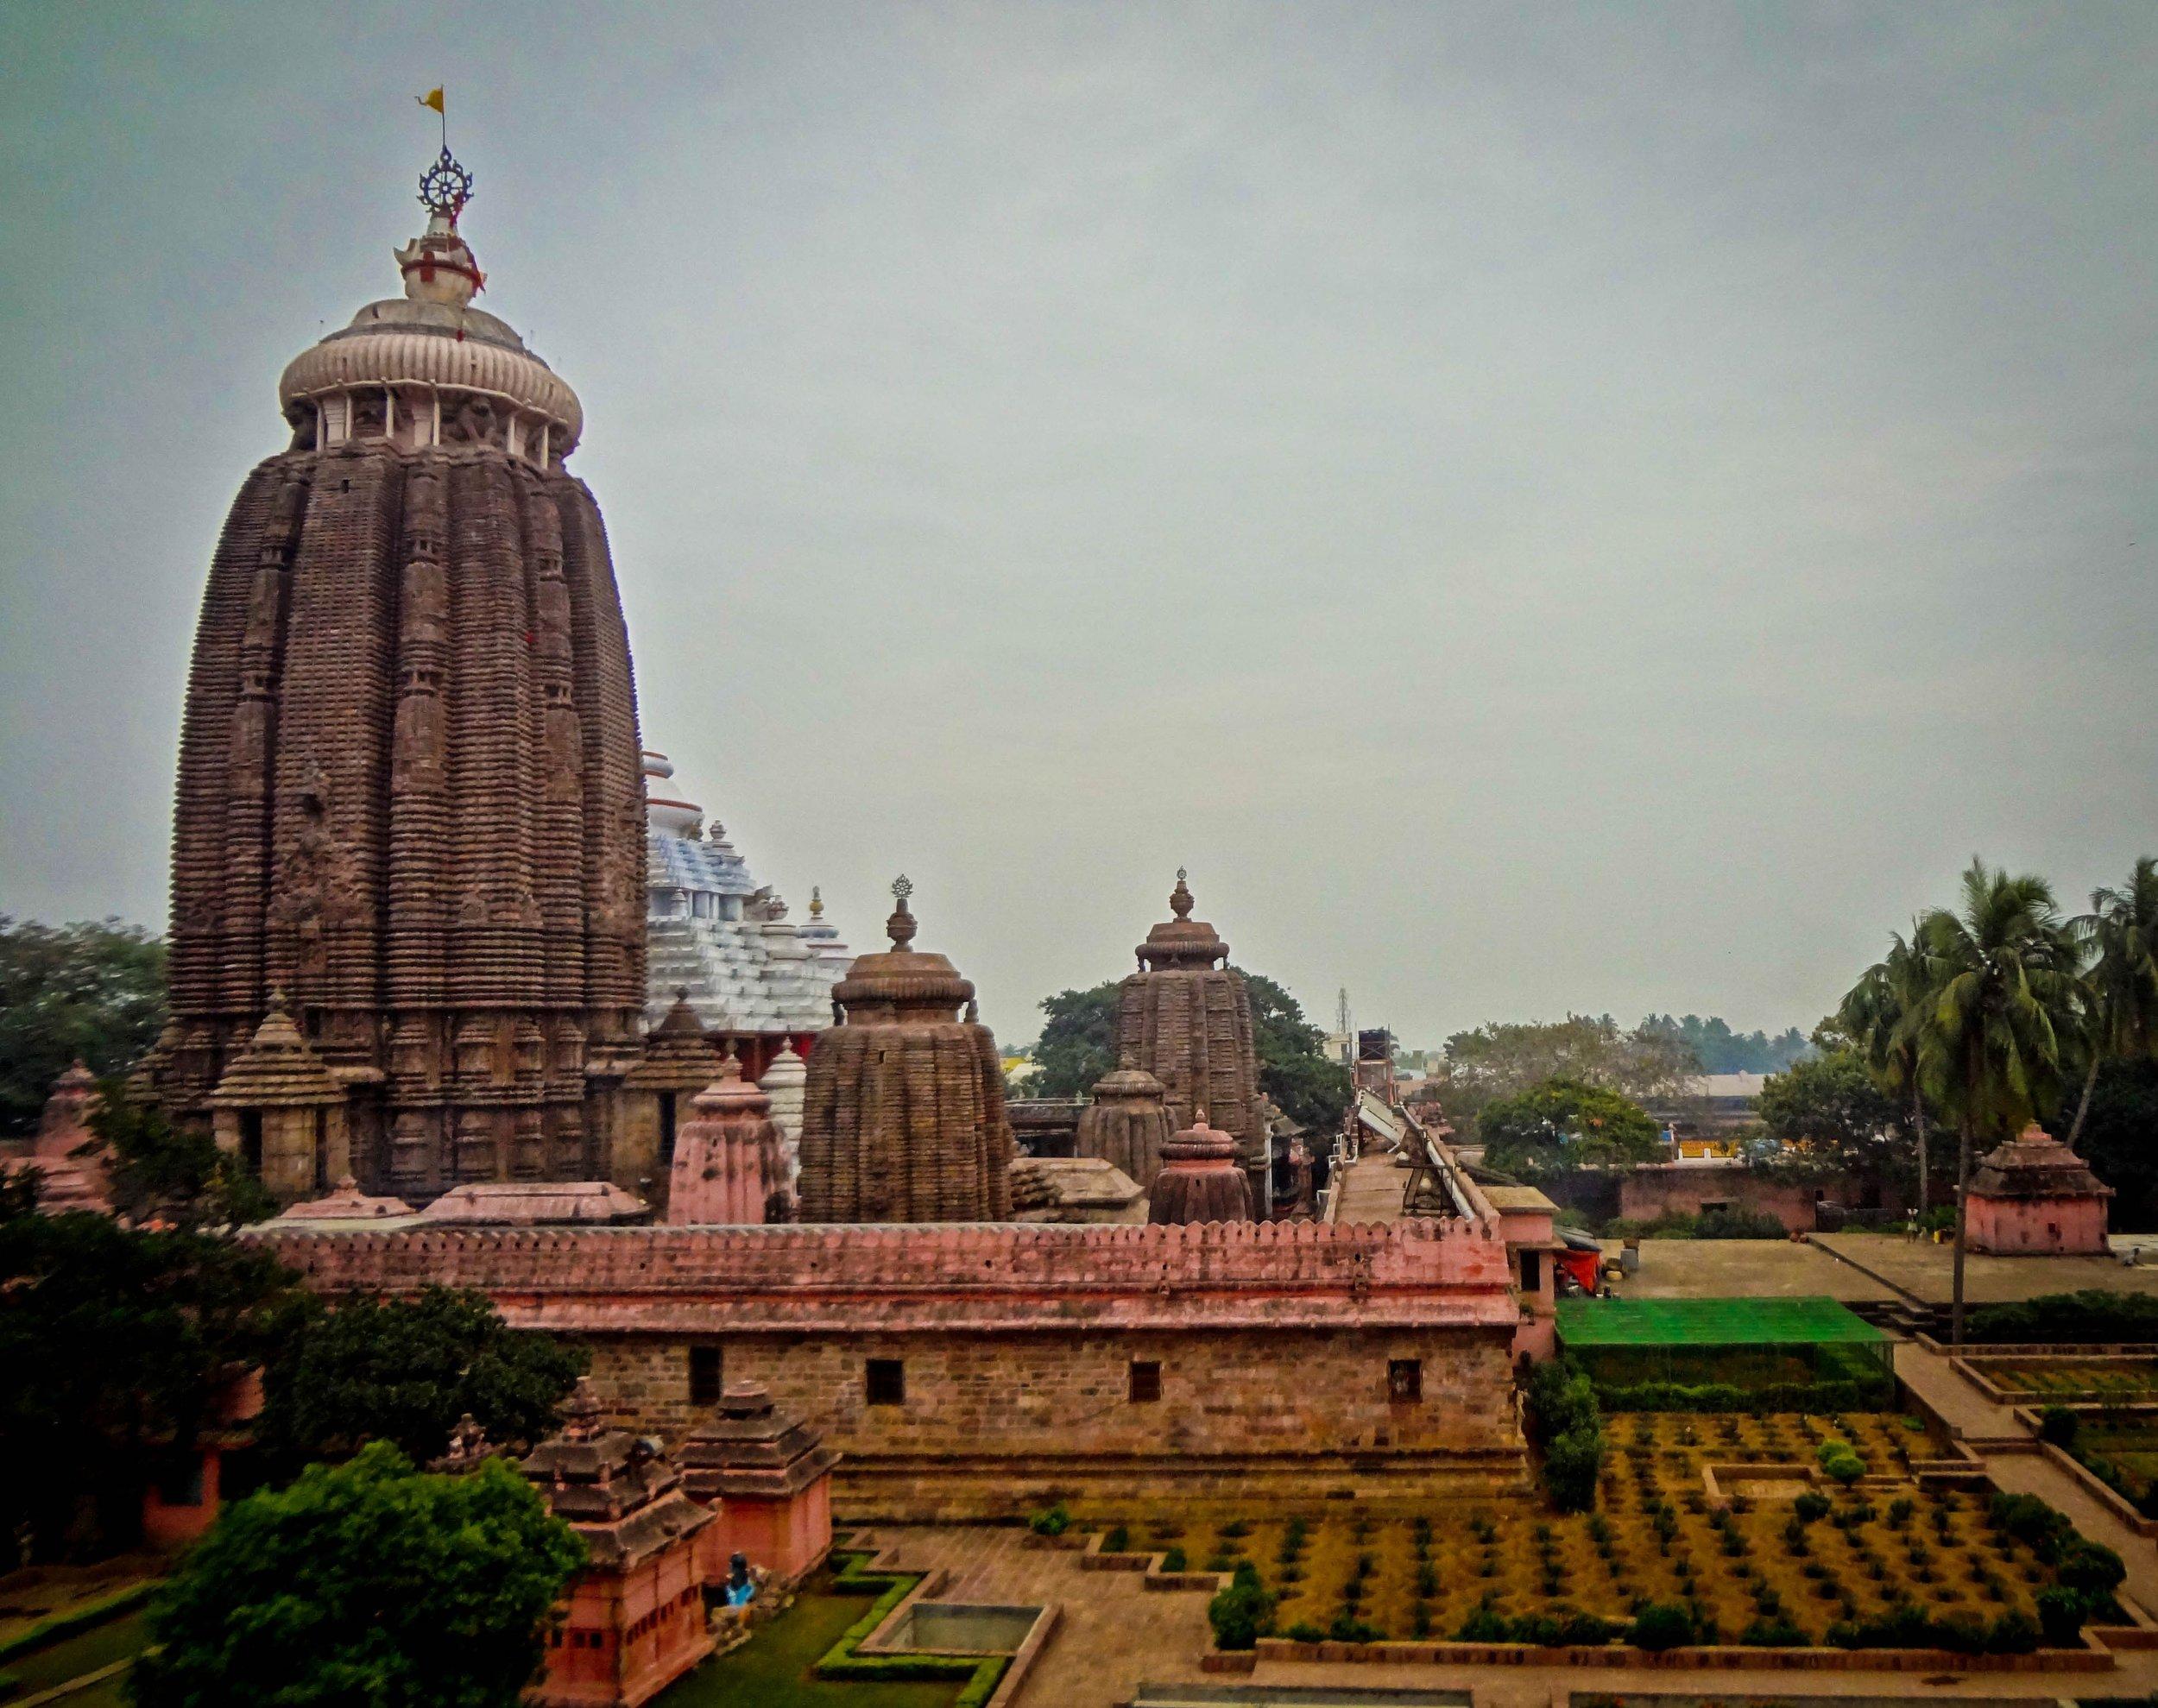 Mahaprasad at Jagannath temple, Puri, Odisha